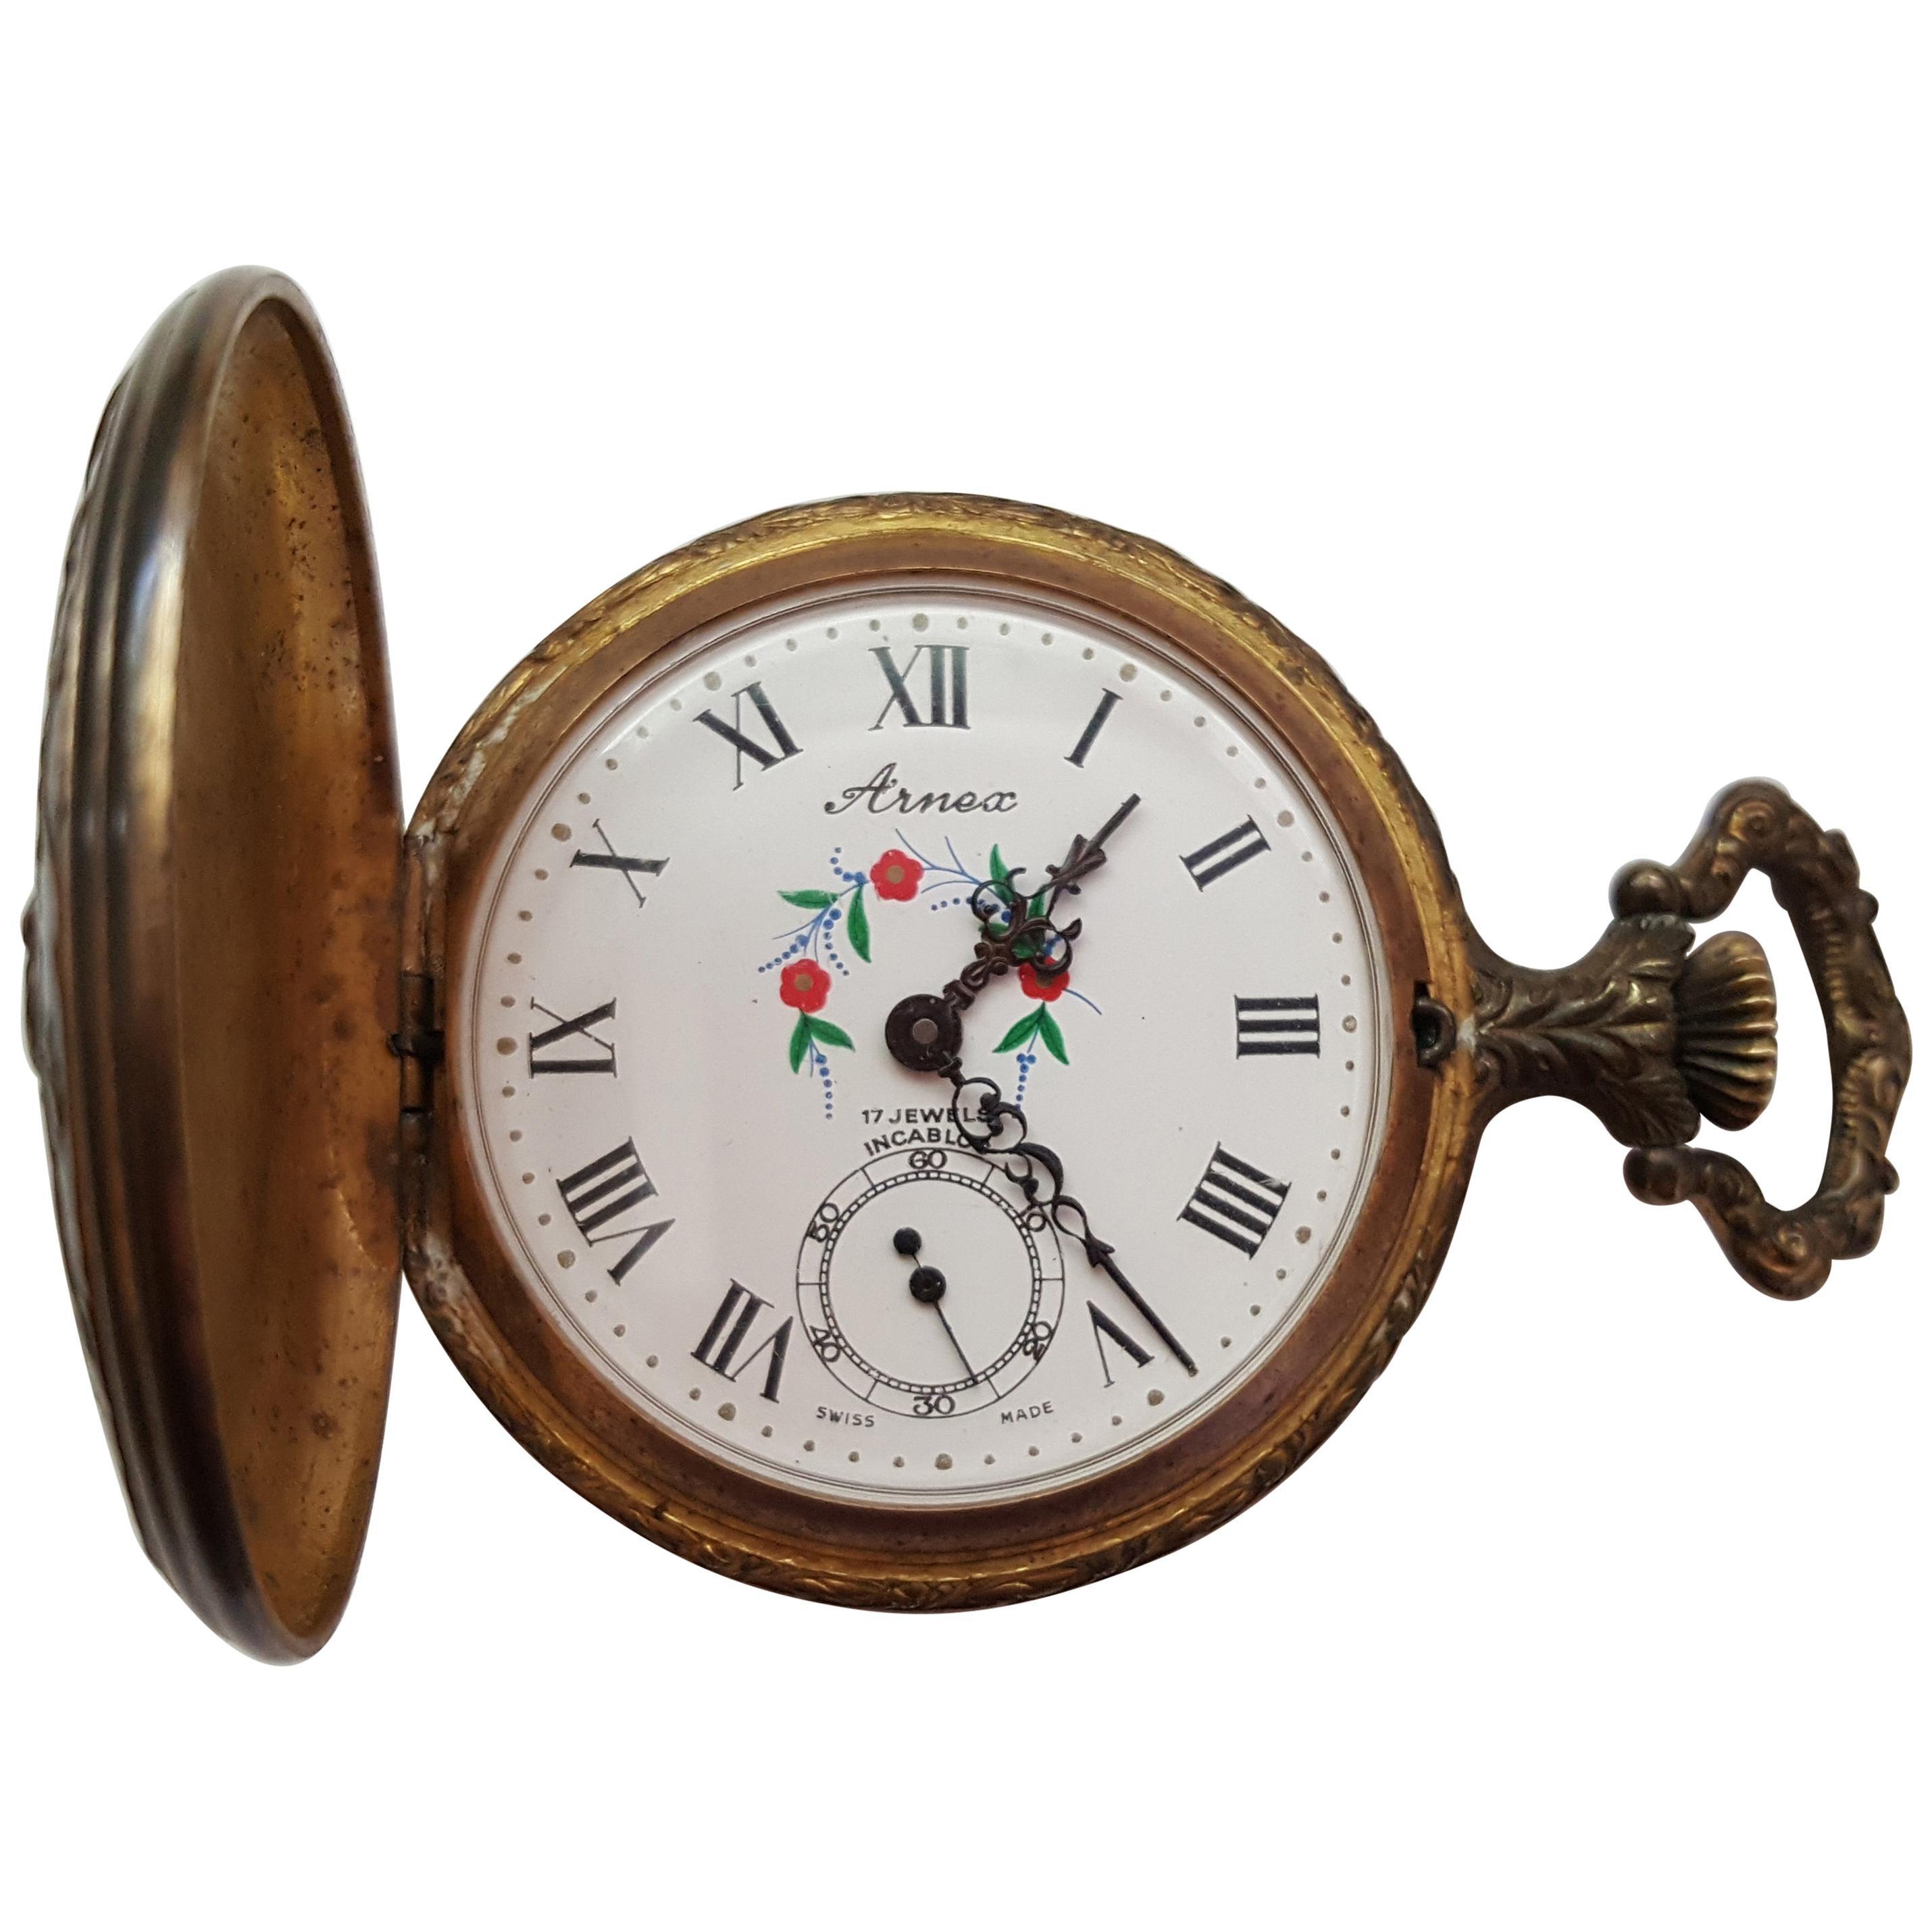 Vintage Arnex Pocket Watch, Swiss Movement, 17 Jewel, Design Case